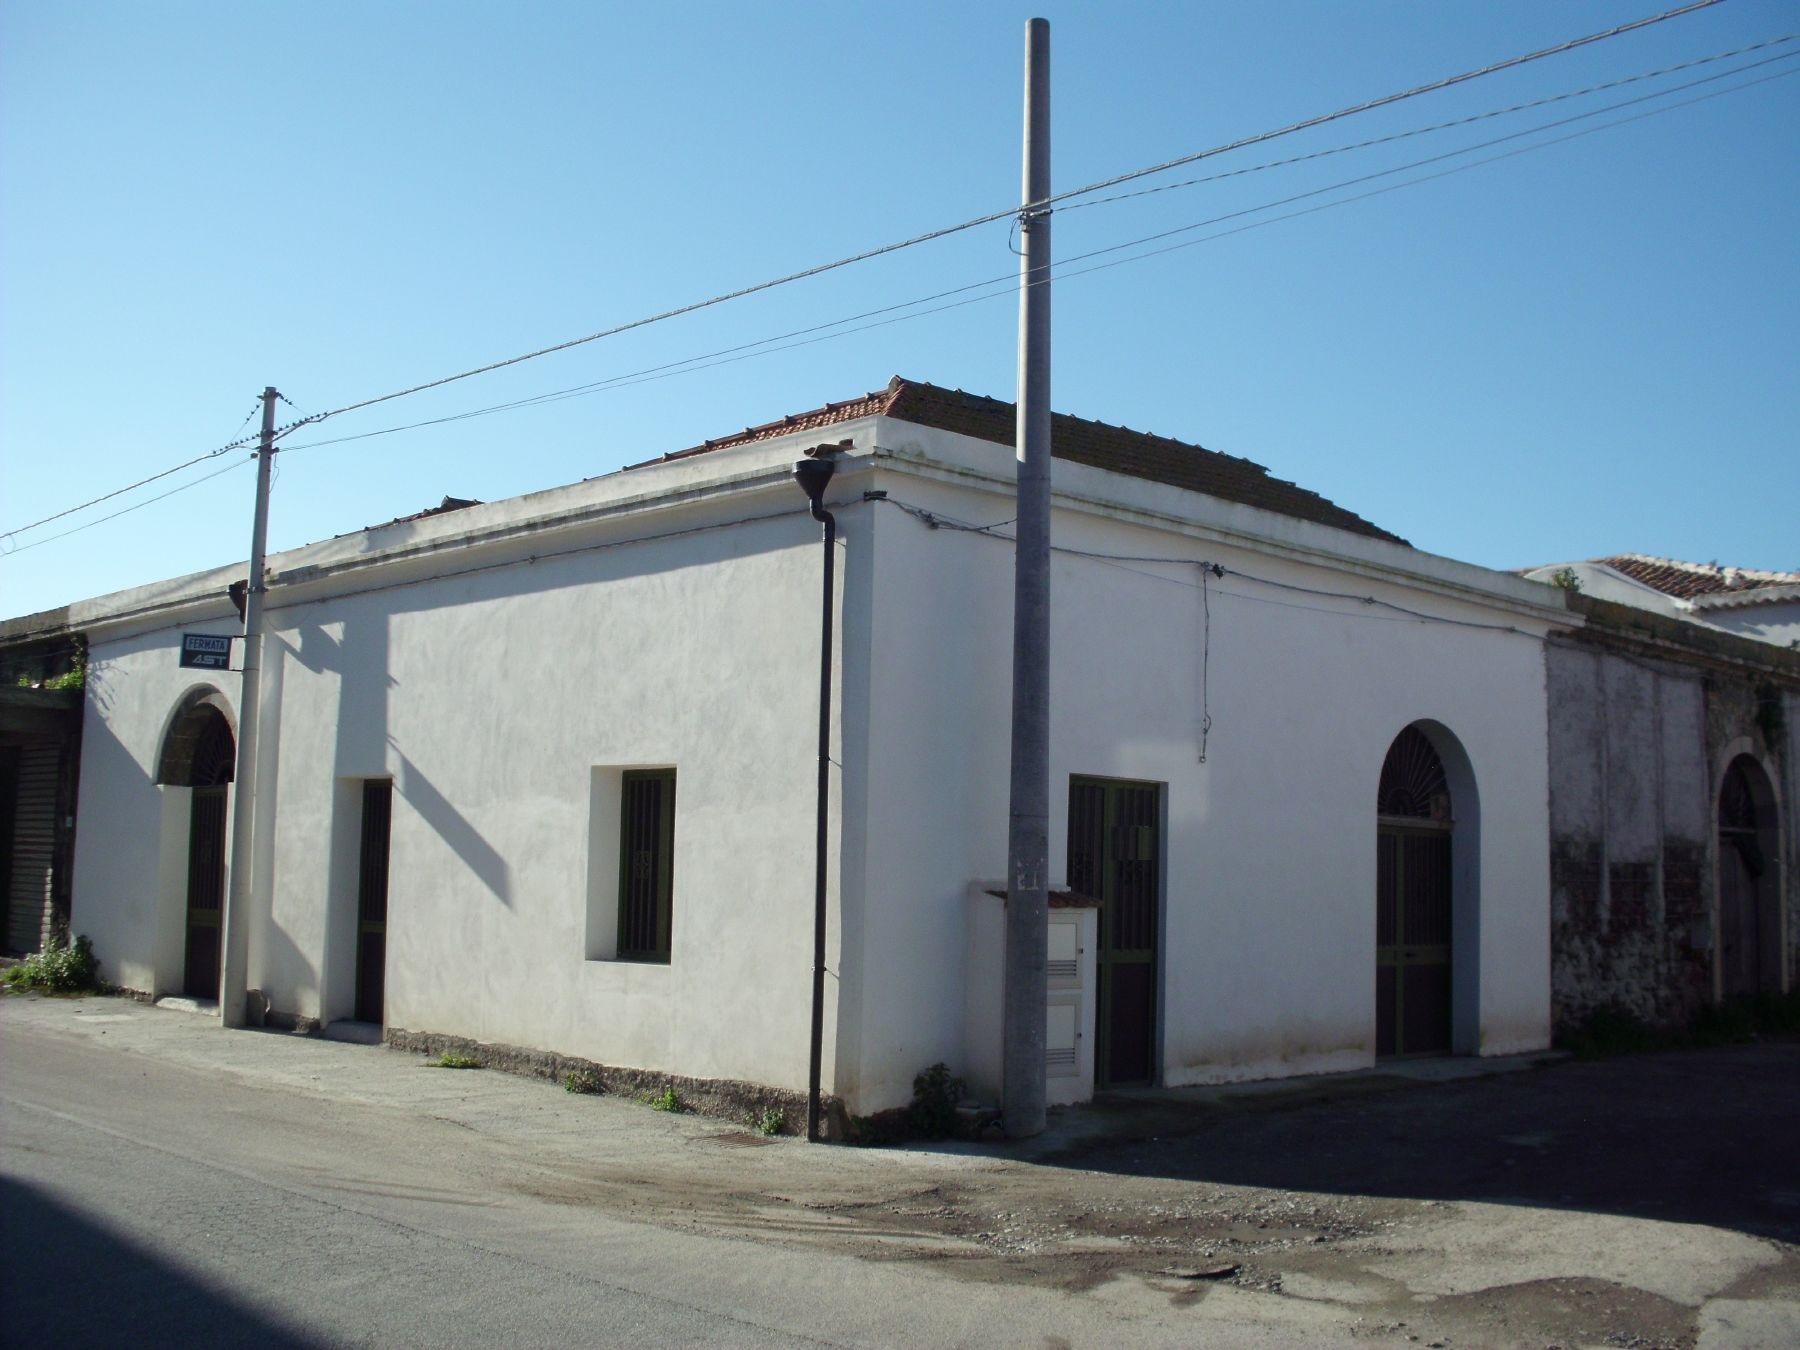 vendita casa indipendente milazzo   140000 euro  3 locali  138 mq